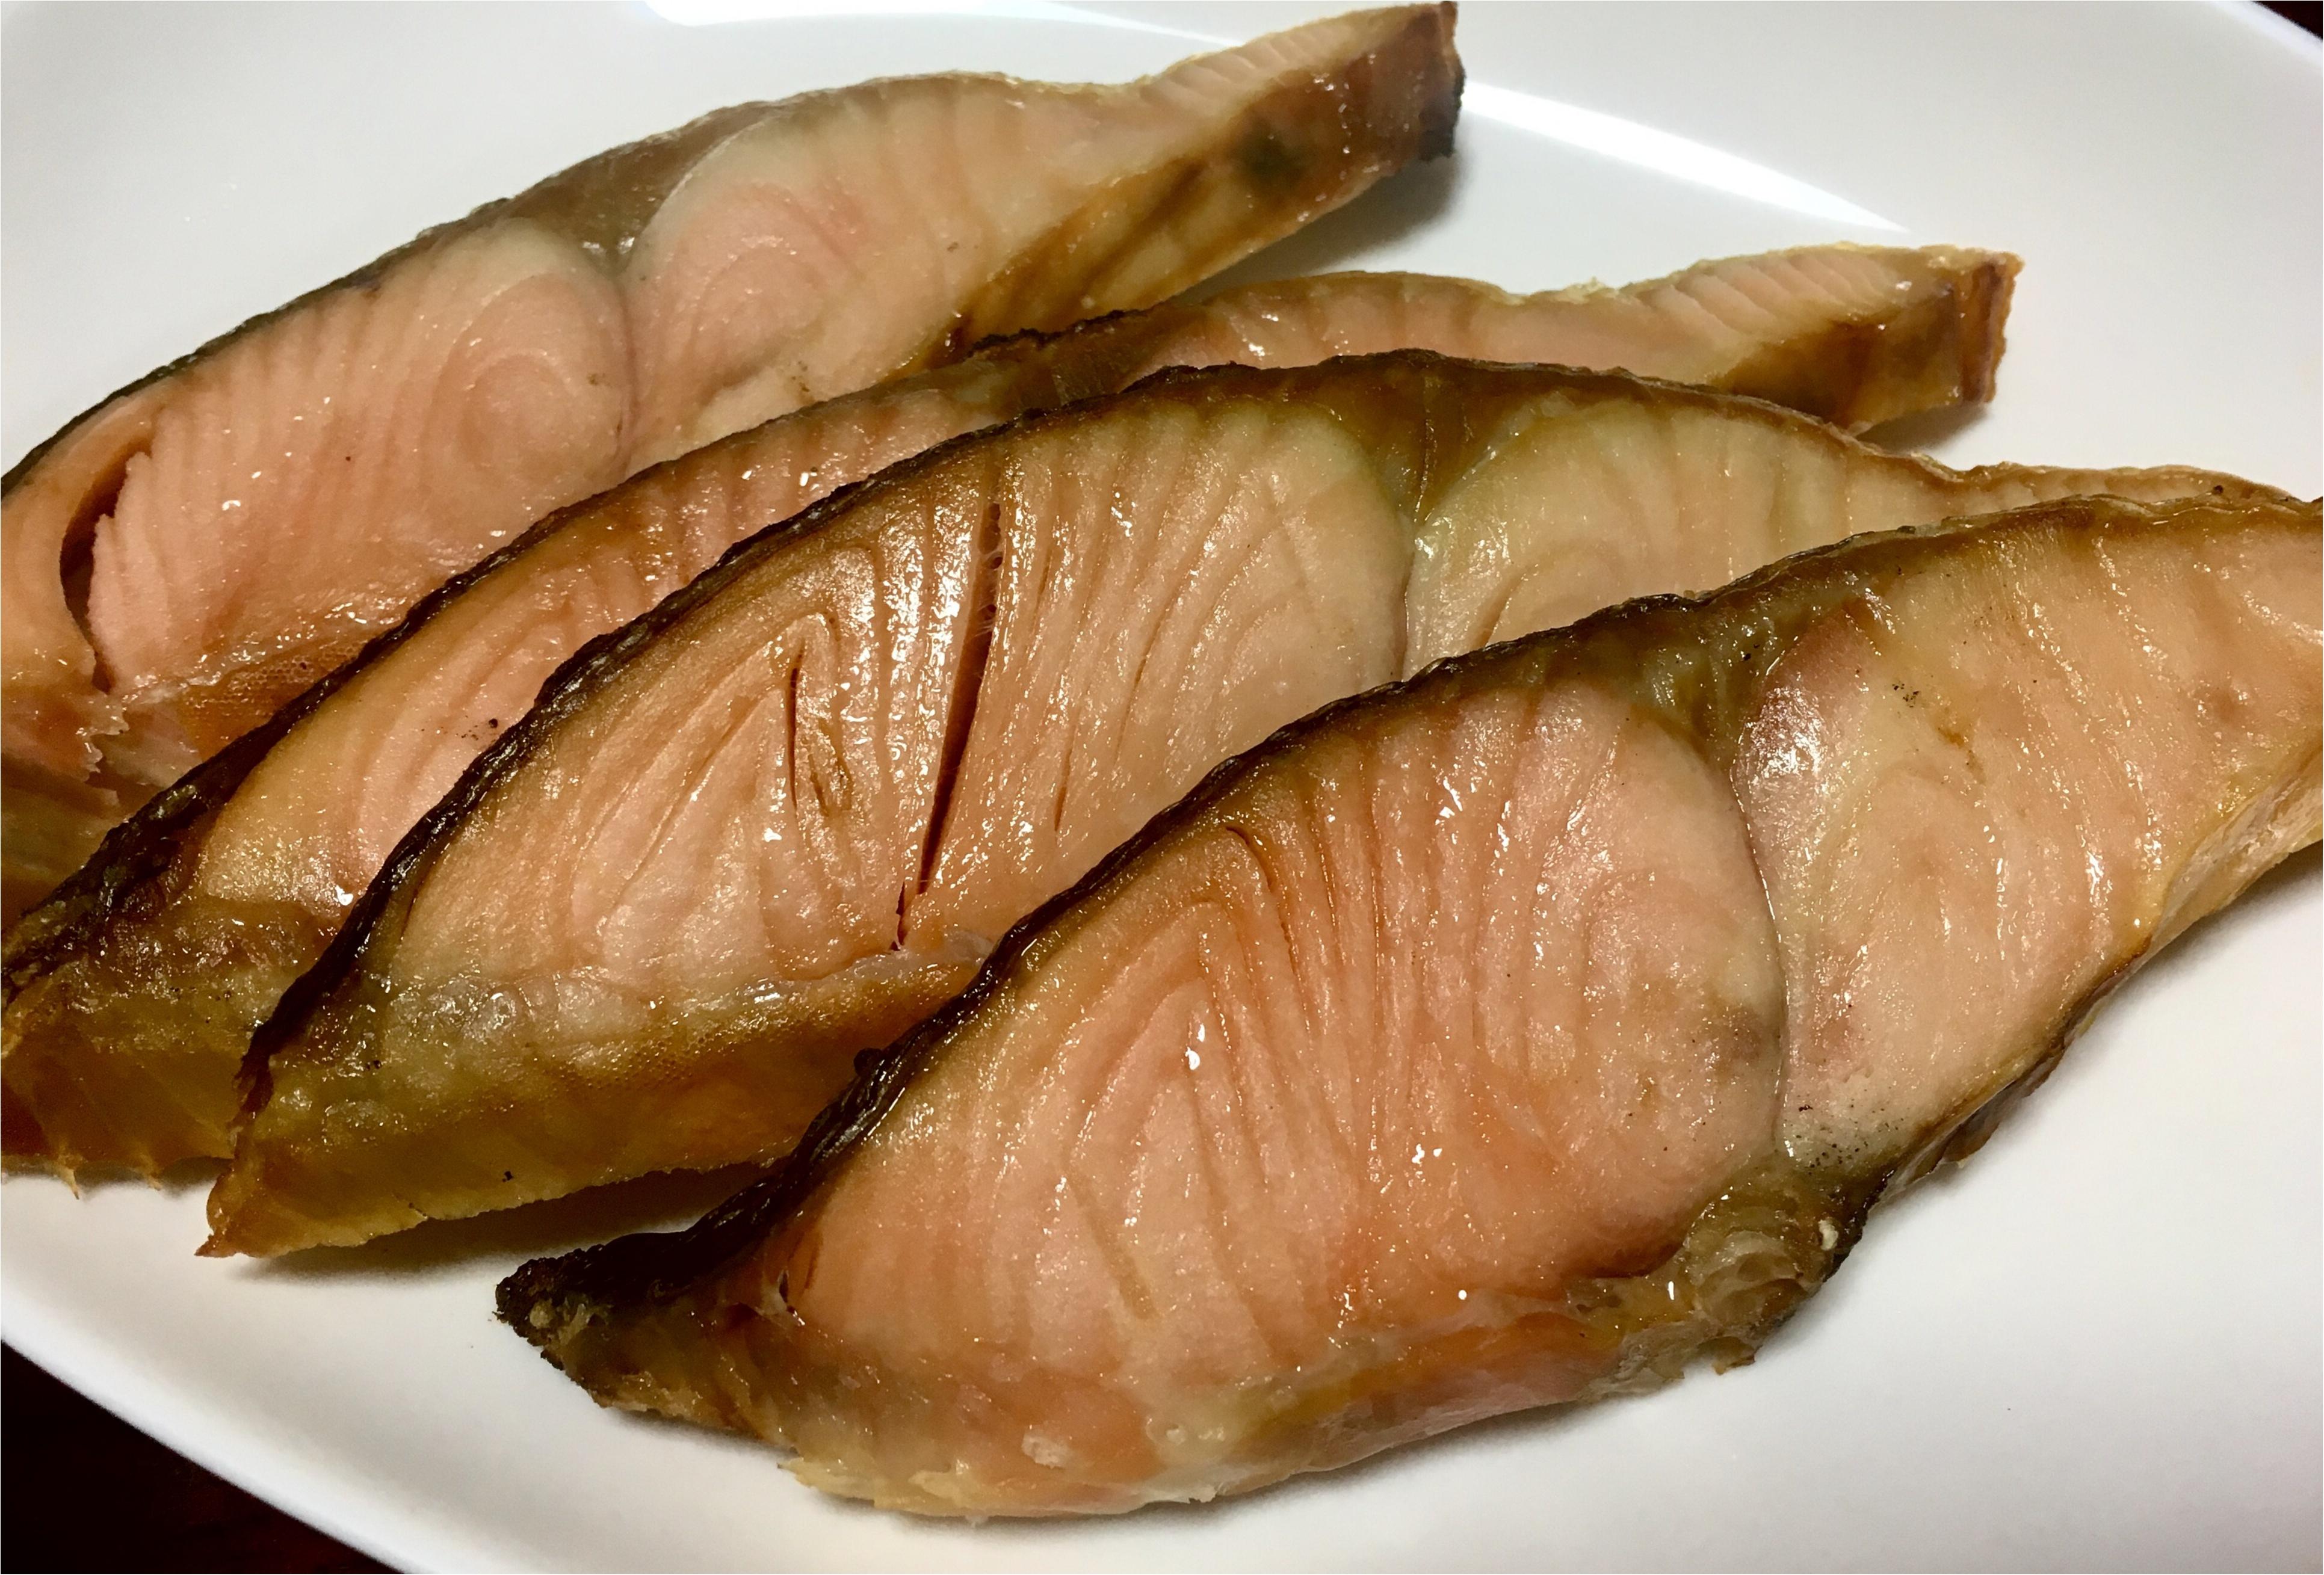 【旅行▶グルメ】もう東京駅でも食べられないあのアイスから定番B級グルメや海の幸まで♡新潟のオススメグルメ_6